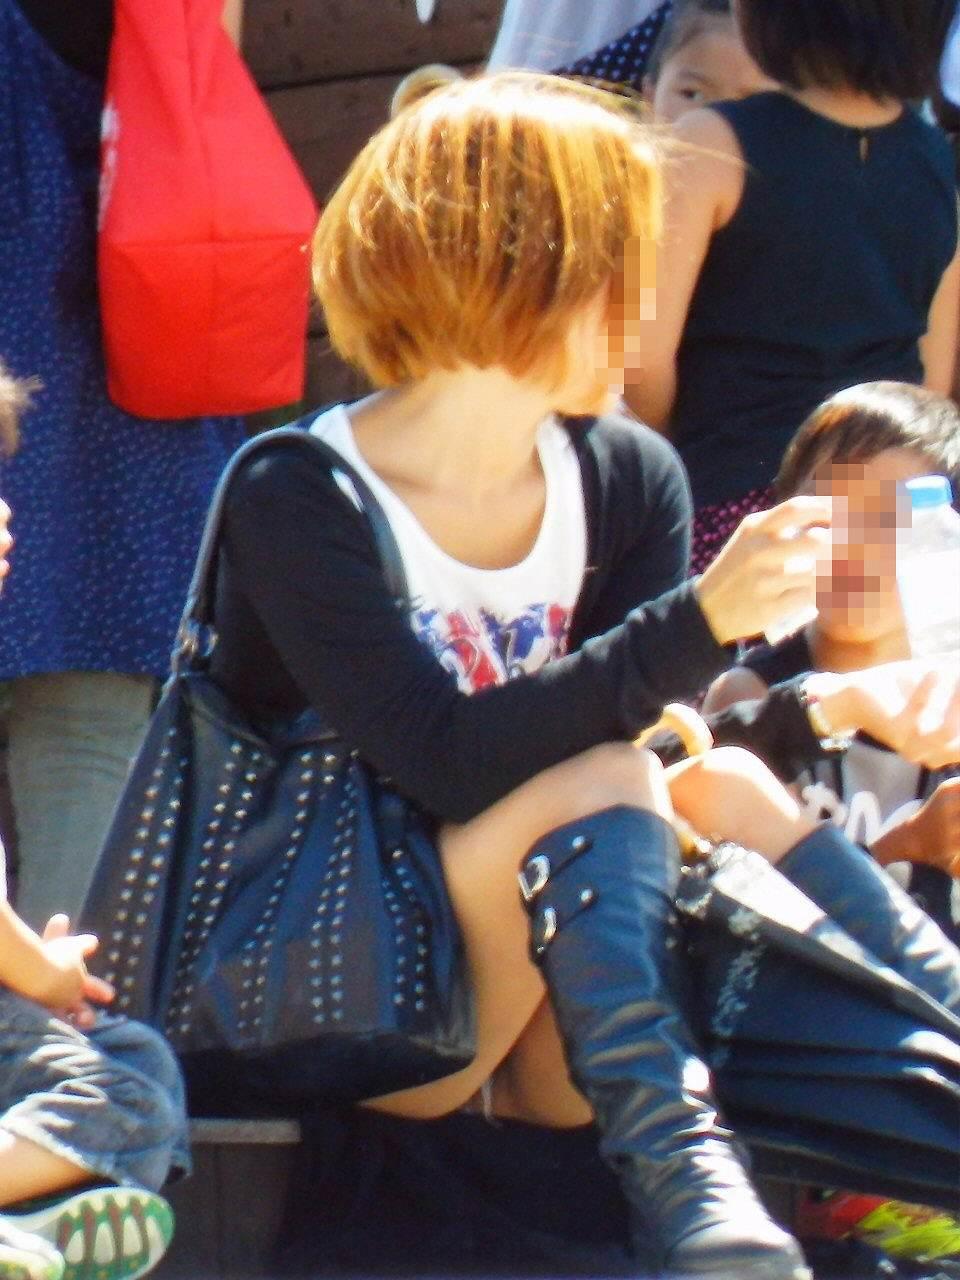 【街撮りママチラ画像】街の奥さん方パンツ見せすぎwあまりに無防備だから余裕で覗けたままパンチラwww  07